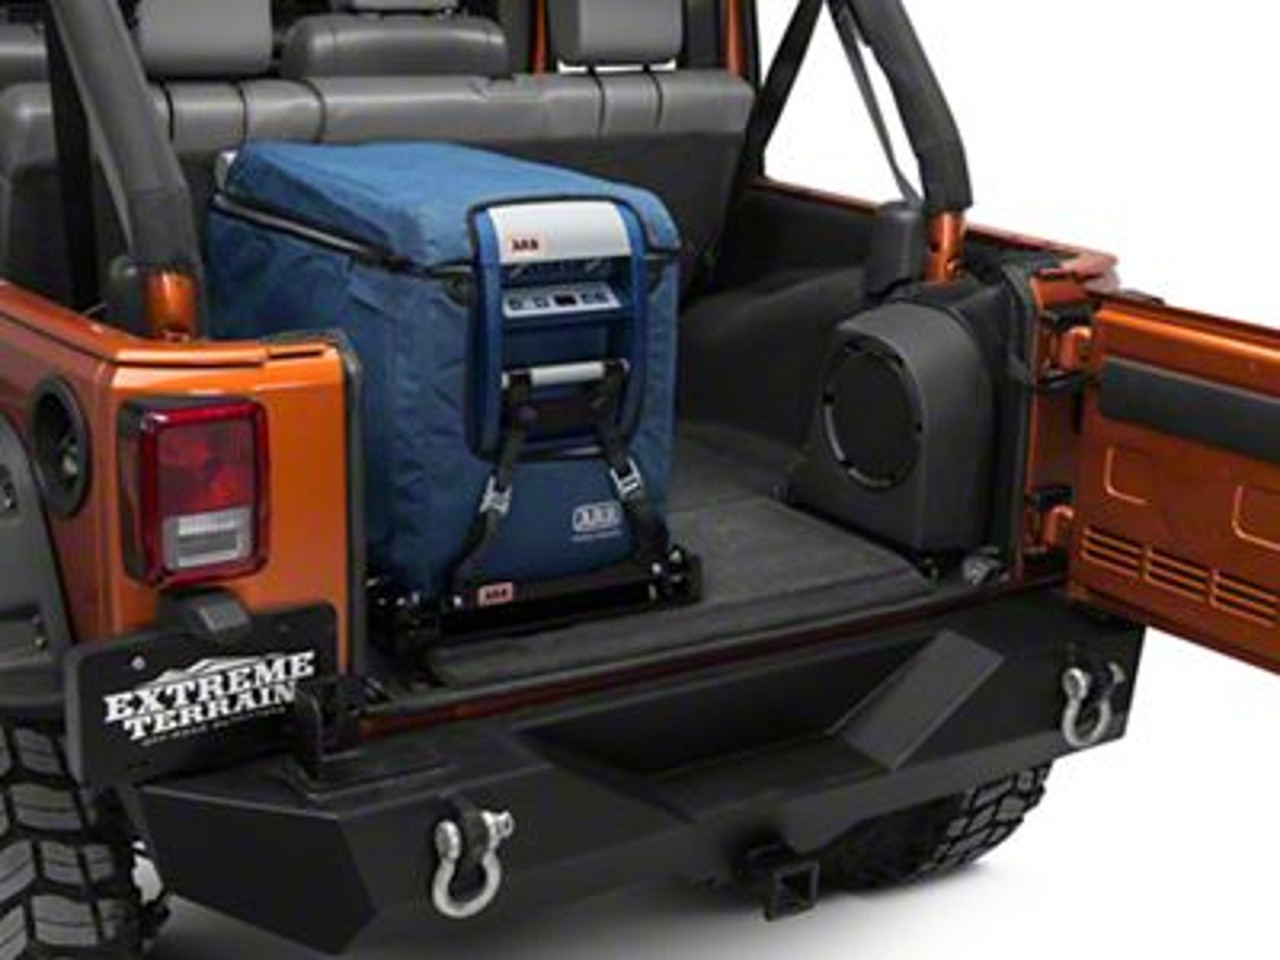 ARB 50 Qt Transit Bag for ARB Fridge Freezer